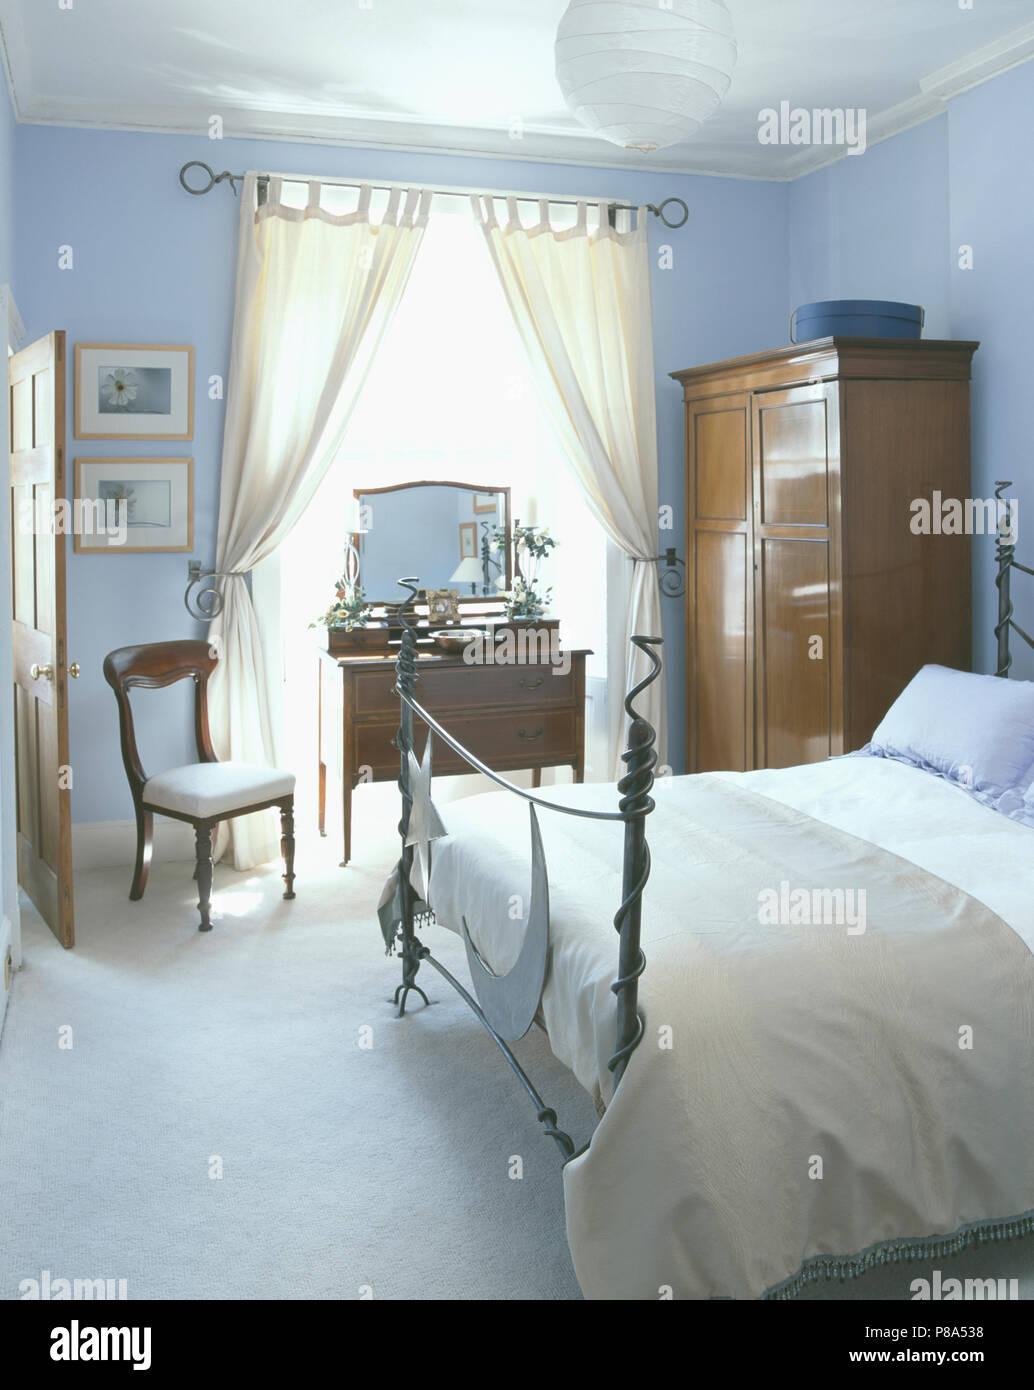 En fer forgé moderne dans des tons pastel chambre bleue avec des ...